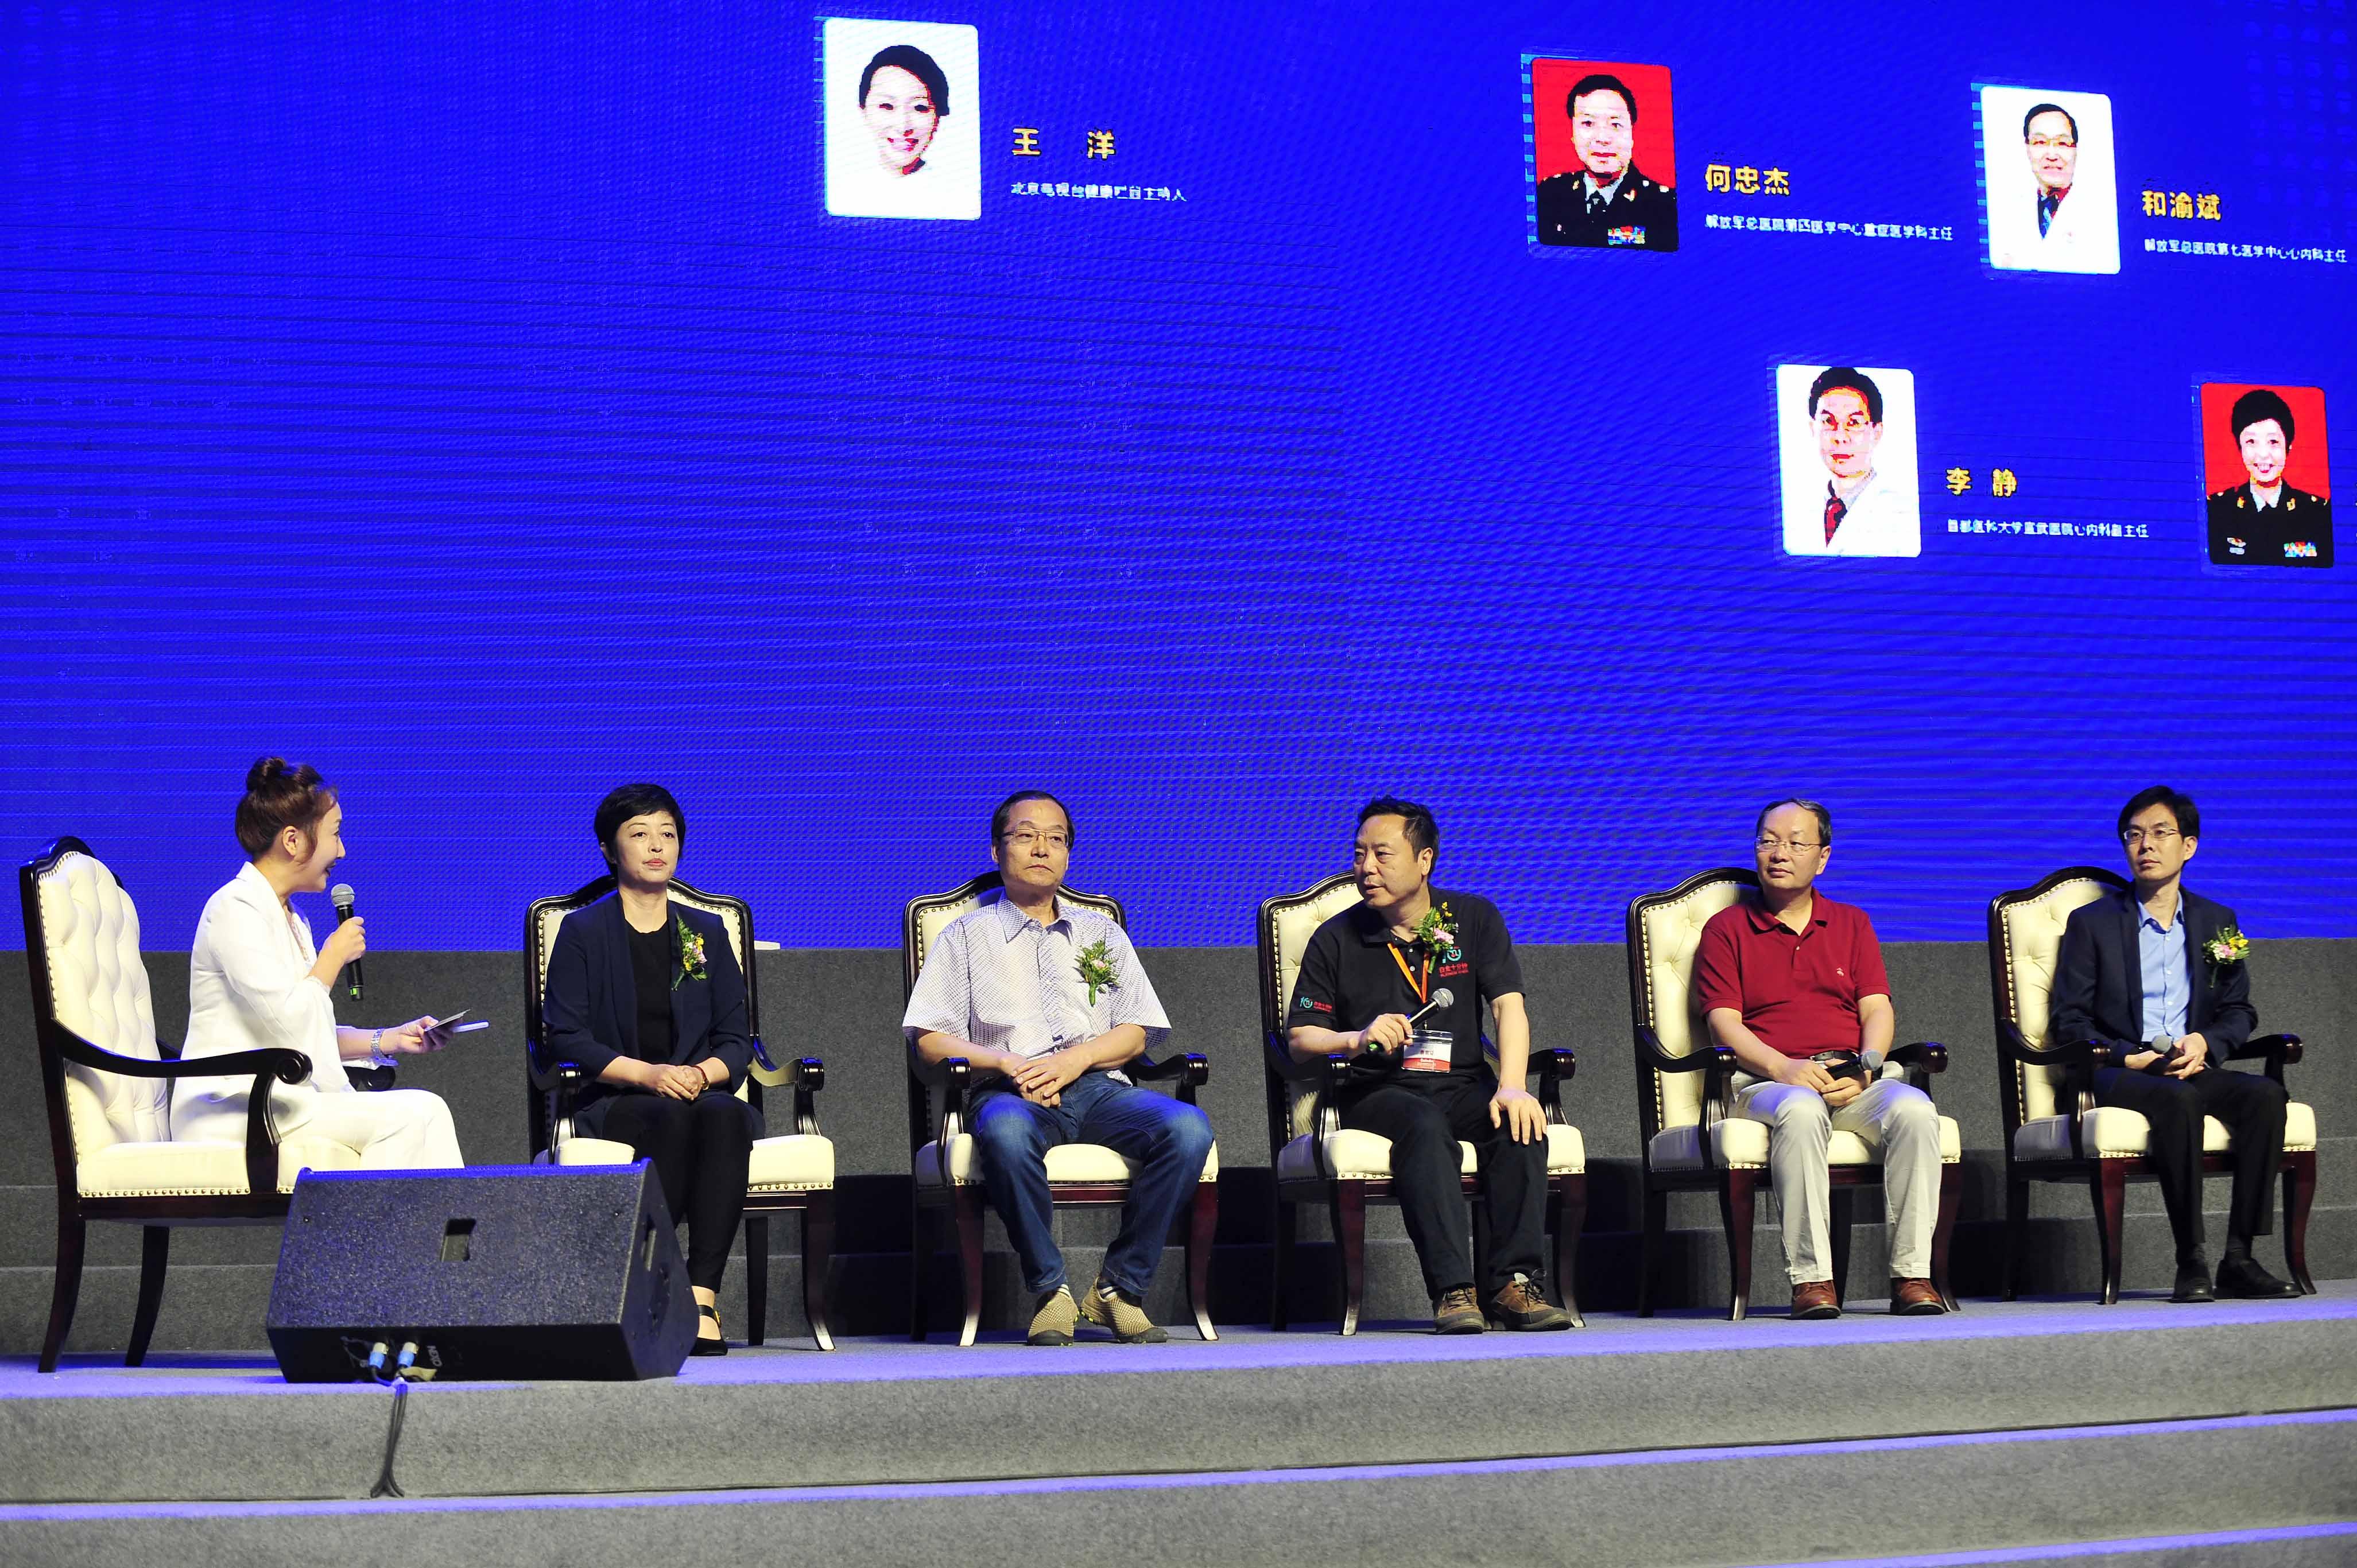 影视明星_深入推动急救科普行动 第十届健康中国急救公益论坛在京举行